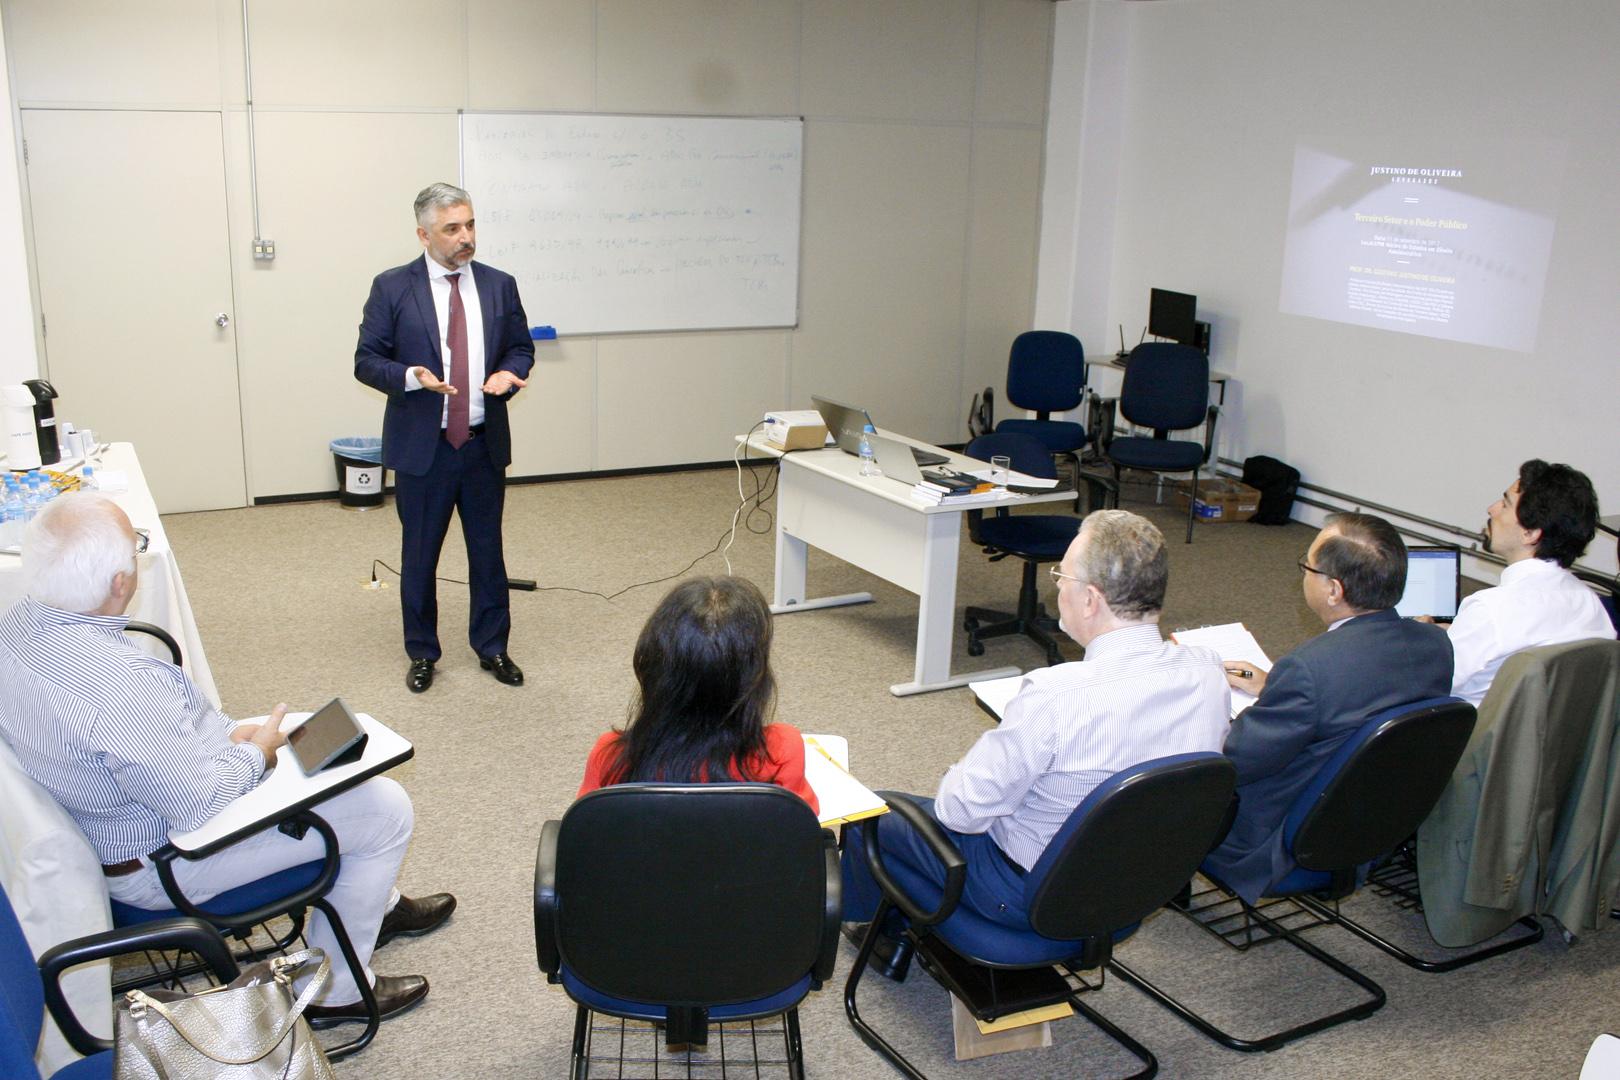 Parcerias do Estado com o terceiro setor são debatidas no Núcleo de Estudos em Direito Administrativo